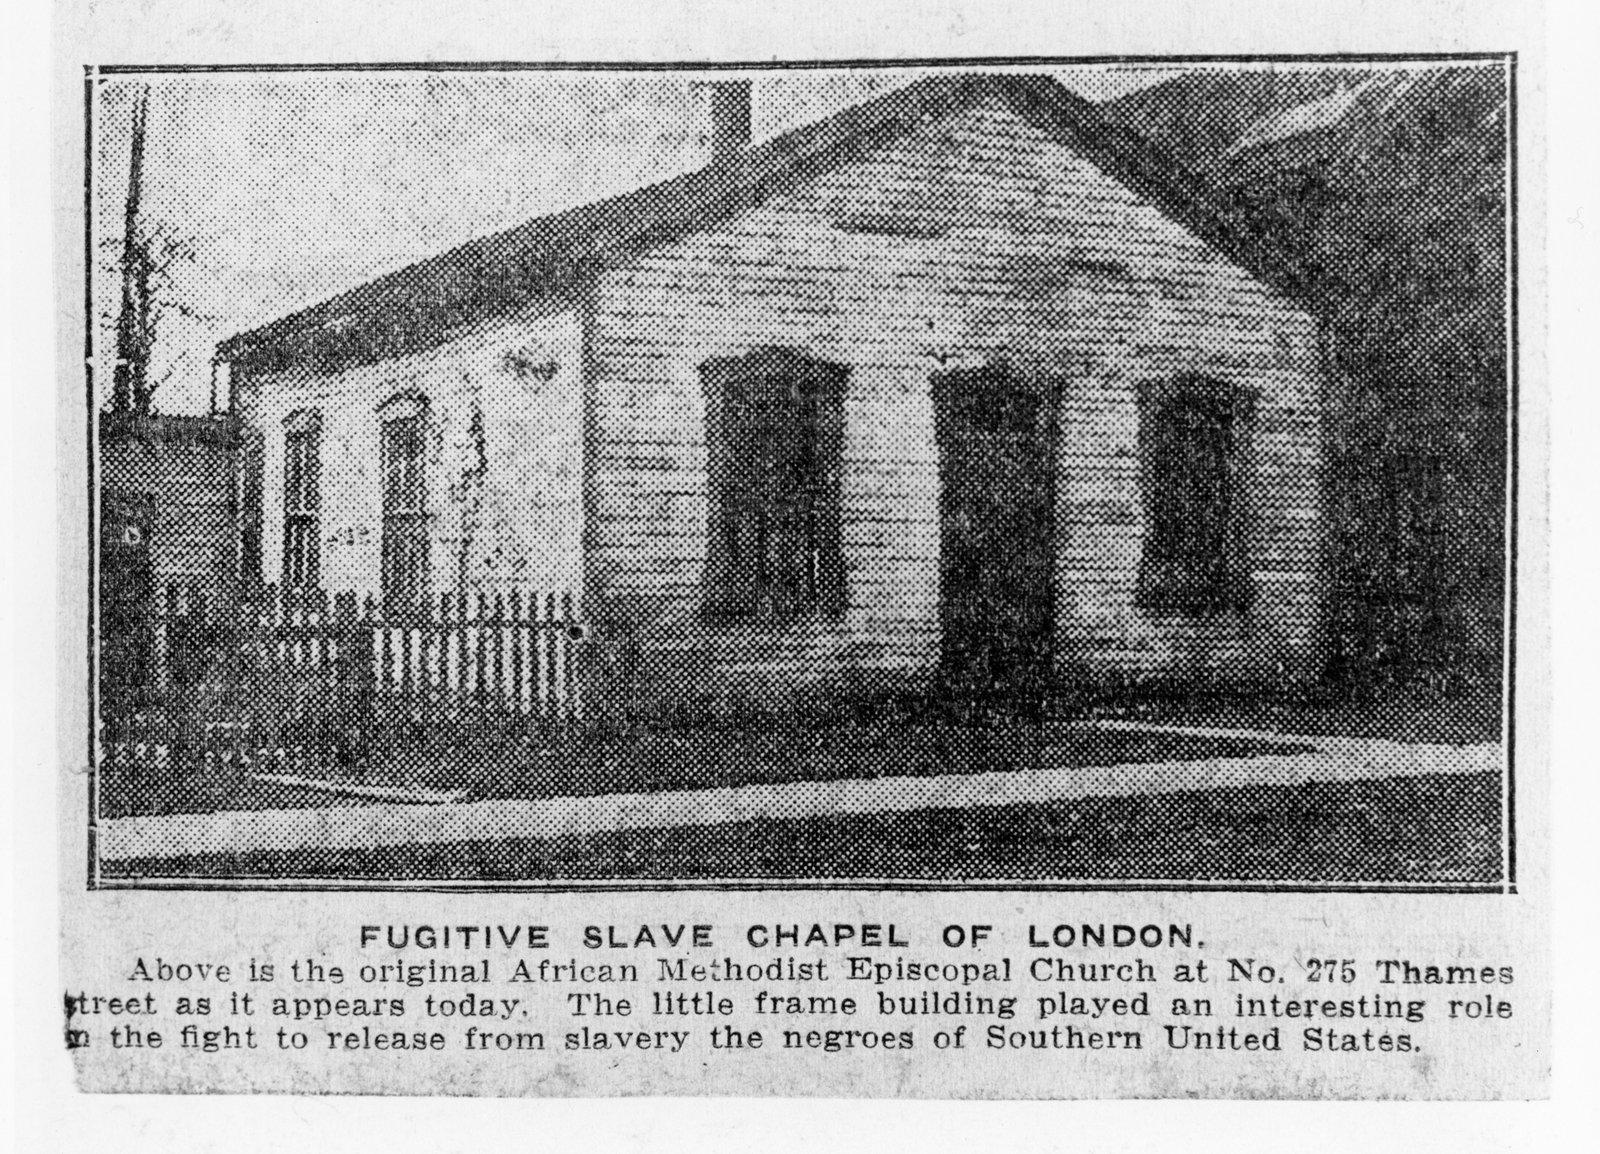 Fugitive Slave Chapel